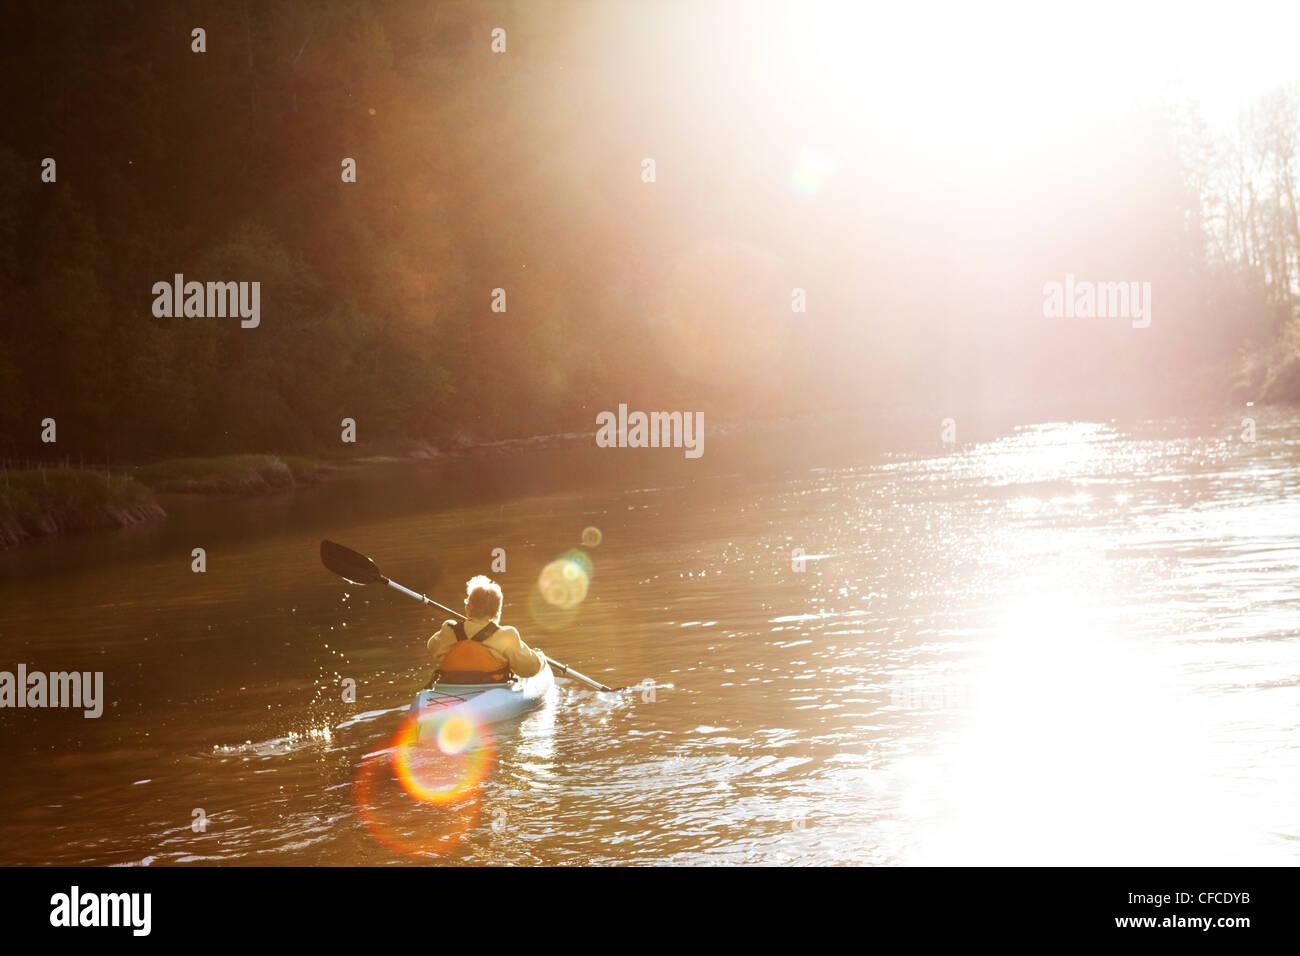 Un aventurero mujeres jubilados kayaking abajo un gran río al atardecer en Idaho. Imagen De Stock